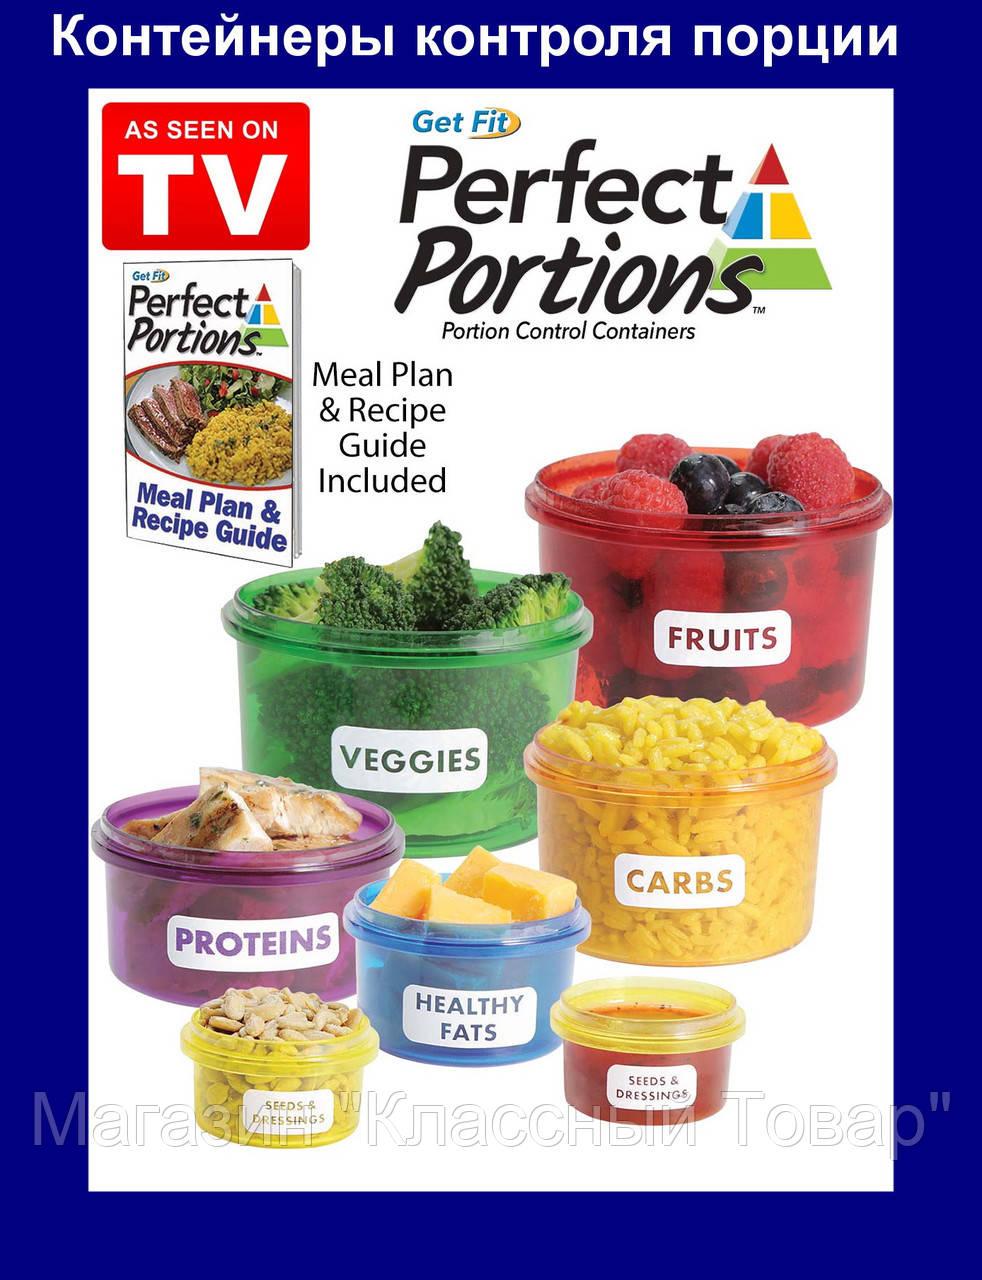 Контейнеры контроля порций Perfect Portions 7 цветов!Лучший подарок